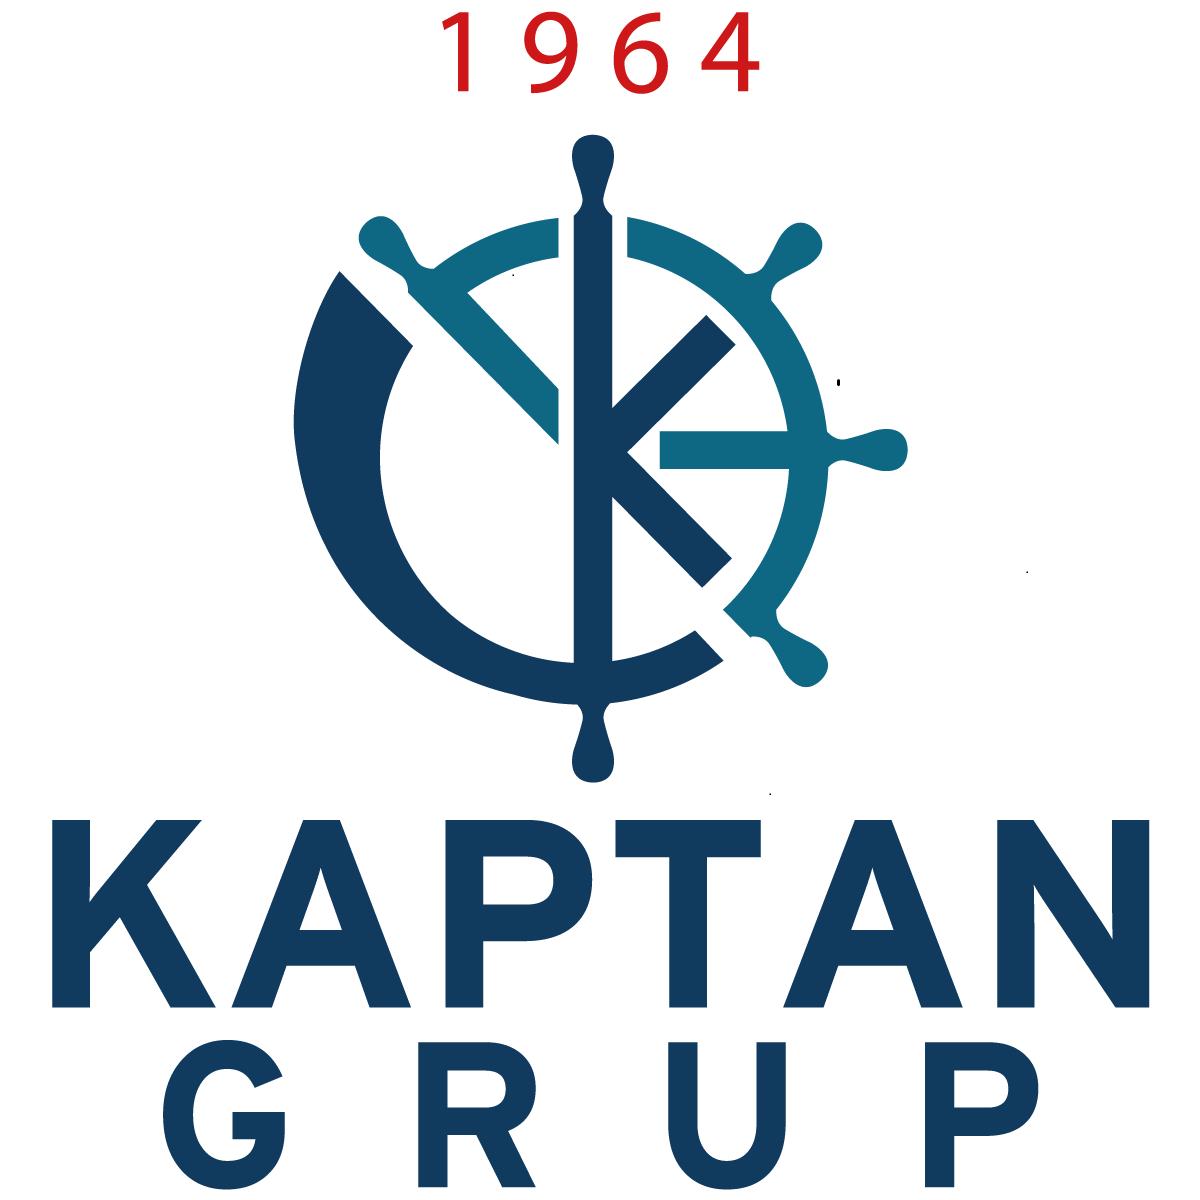 Kaptan Şirketler Grubu